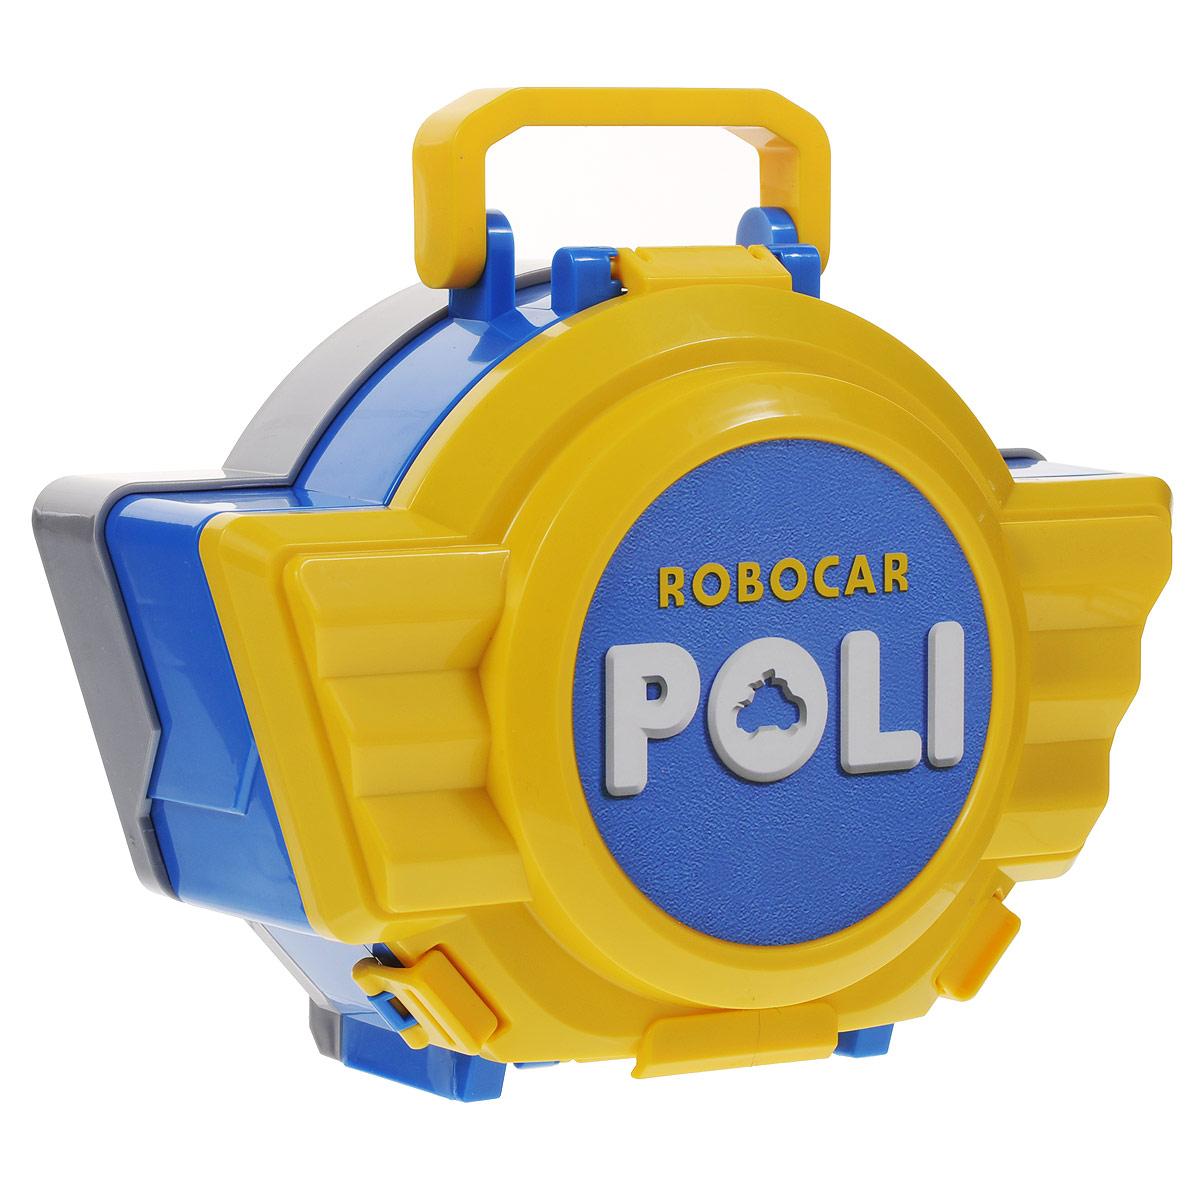 Robocar Poli Игрушка-кейс для трансформера Поли цвет желтый синий83076Игрушка-кейс для трансформера Поли непременно понравится вашему малышу. Он выполнен из прочного пластика желтого и синего цветов и закрывается крышкой на защелки. Внутри находится круглая платформа, приподнимающаяся при открытии кейса. Полицейской машинке Поли в нем будет уютно. Кейс оснащен ручкой для переноски. Ваш ребенок будет в восторге от такого подарка!